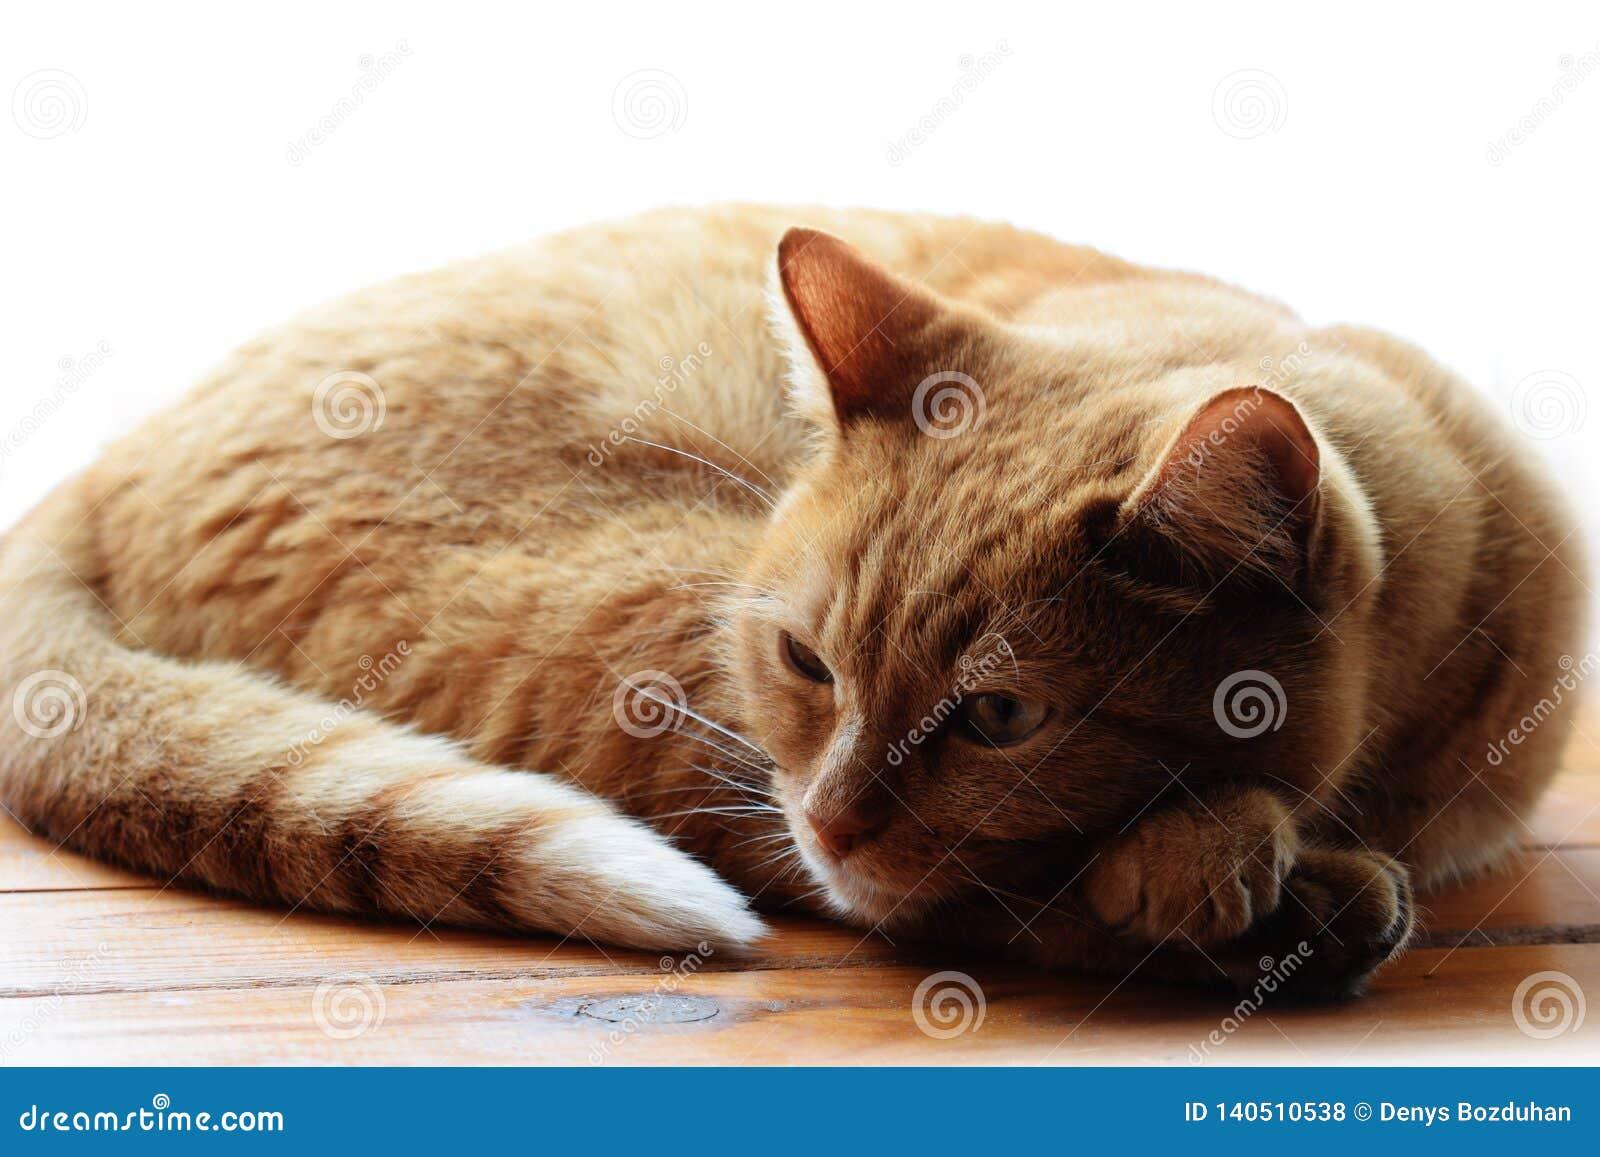 Gato de gato atigrado del jengibre rojo que descansa sobre una superficie de madera